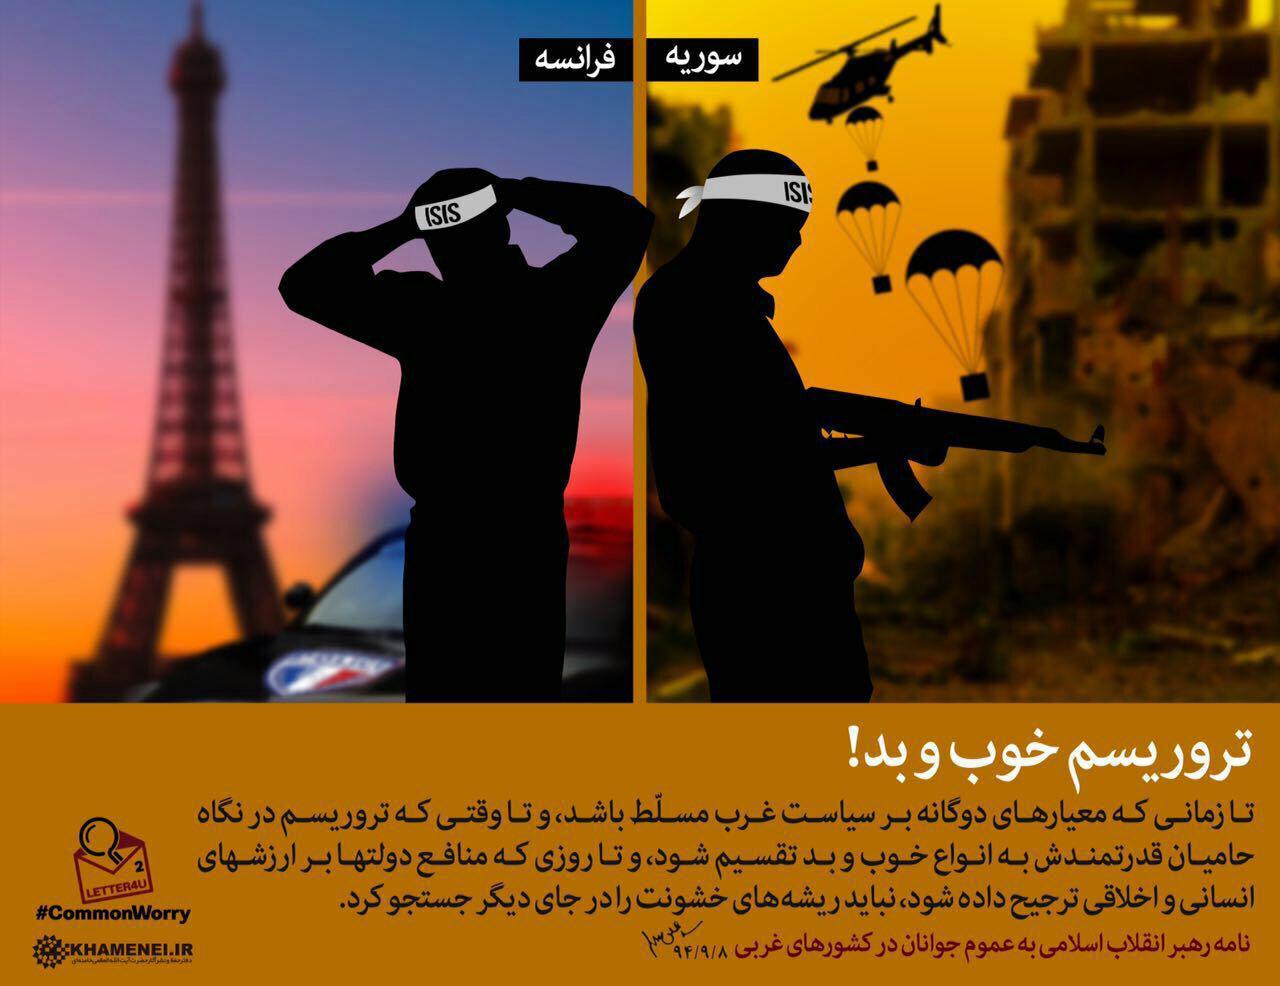 تروریسم خوب و بد!+عکس